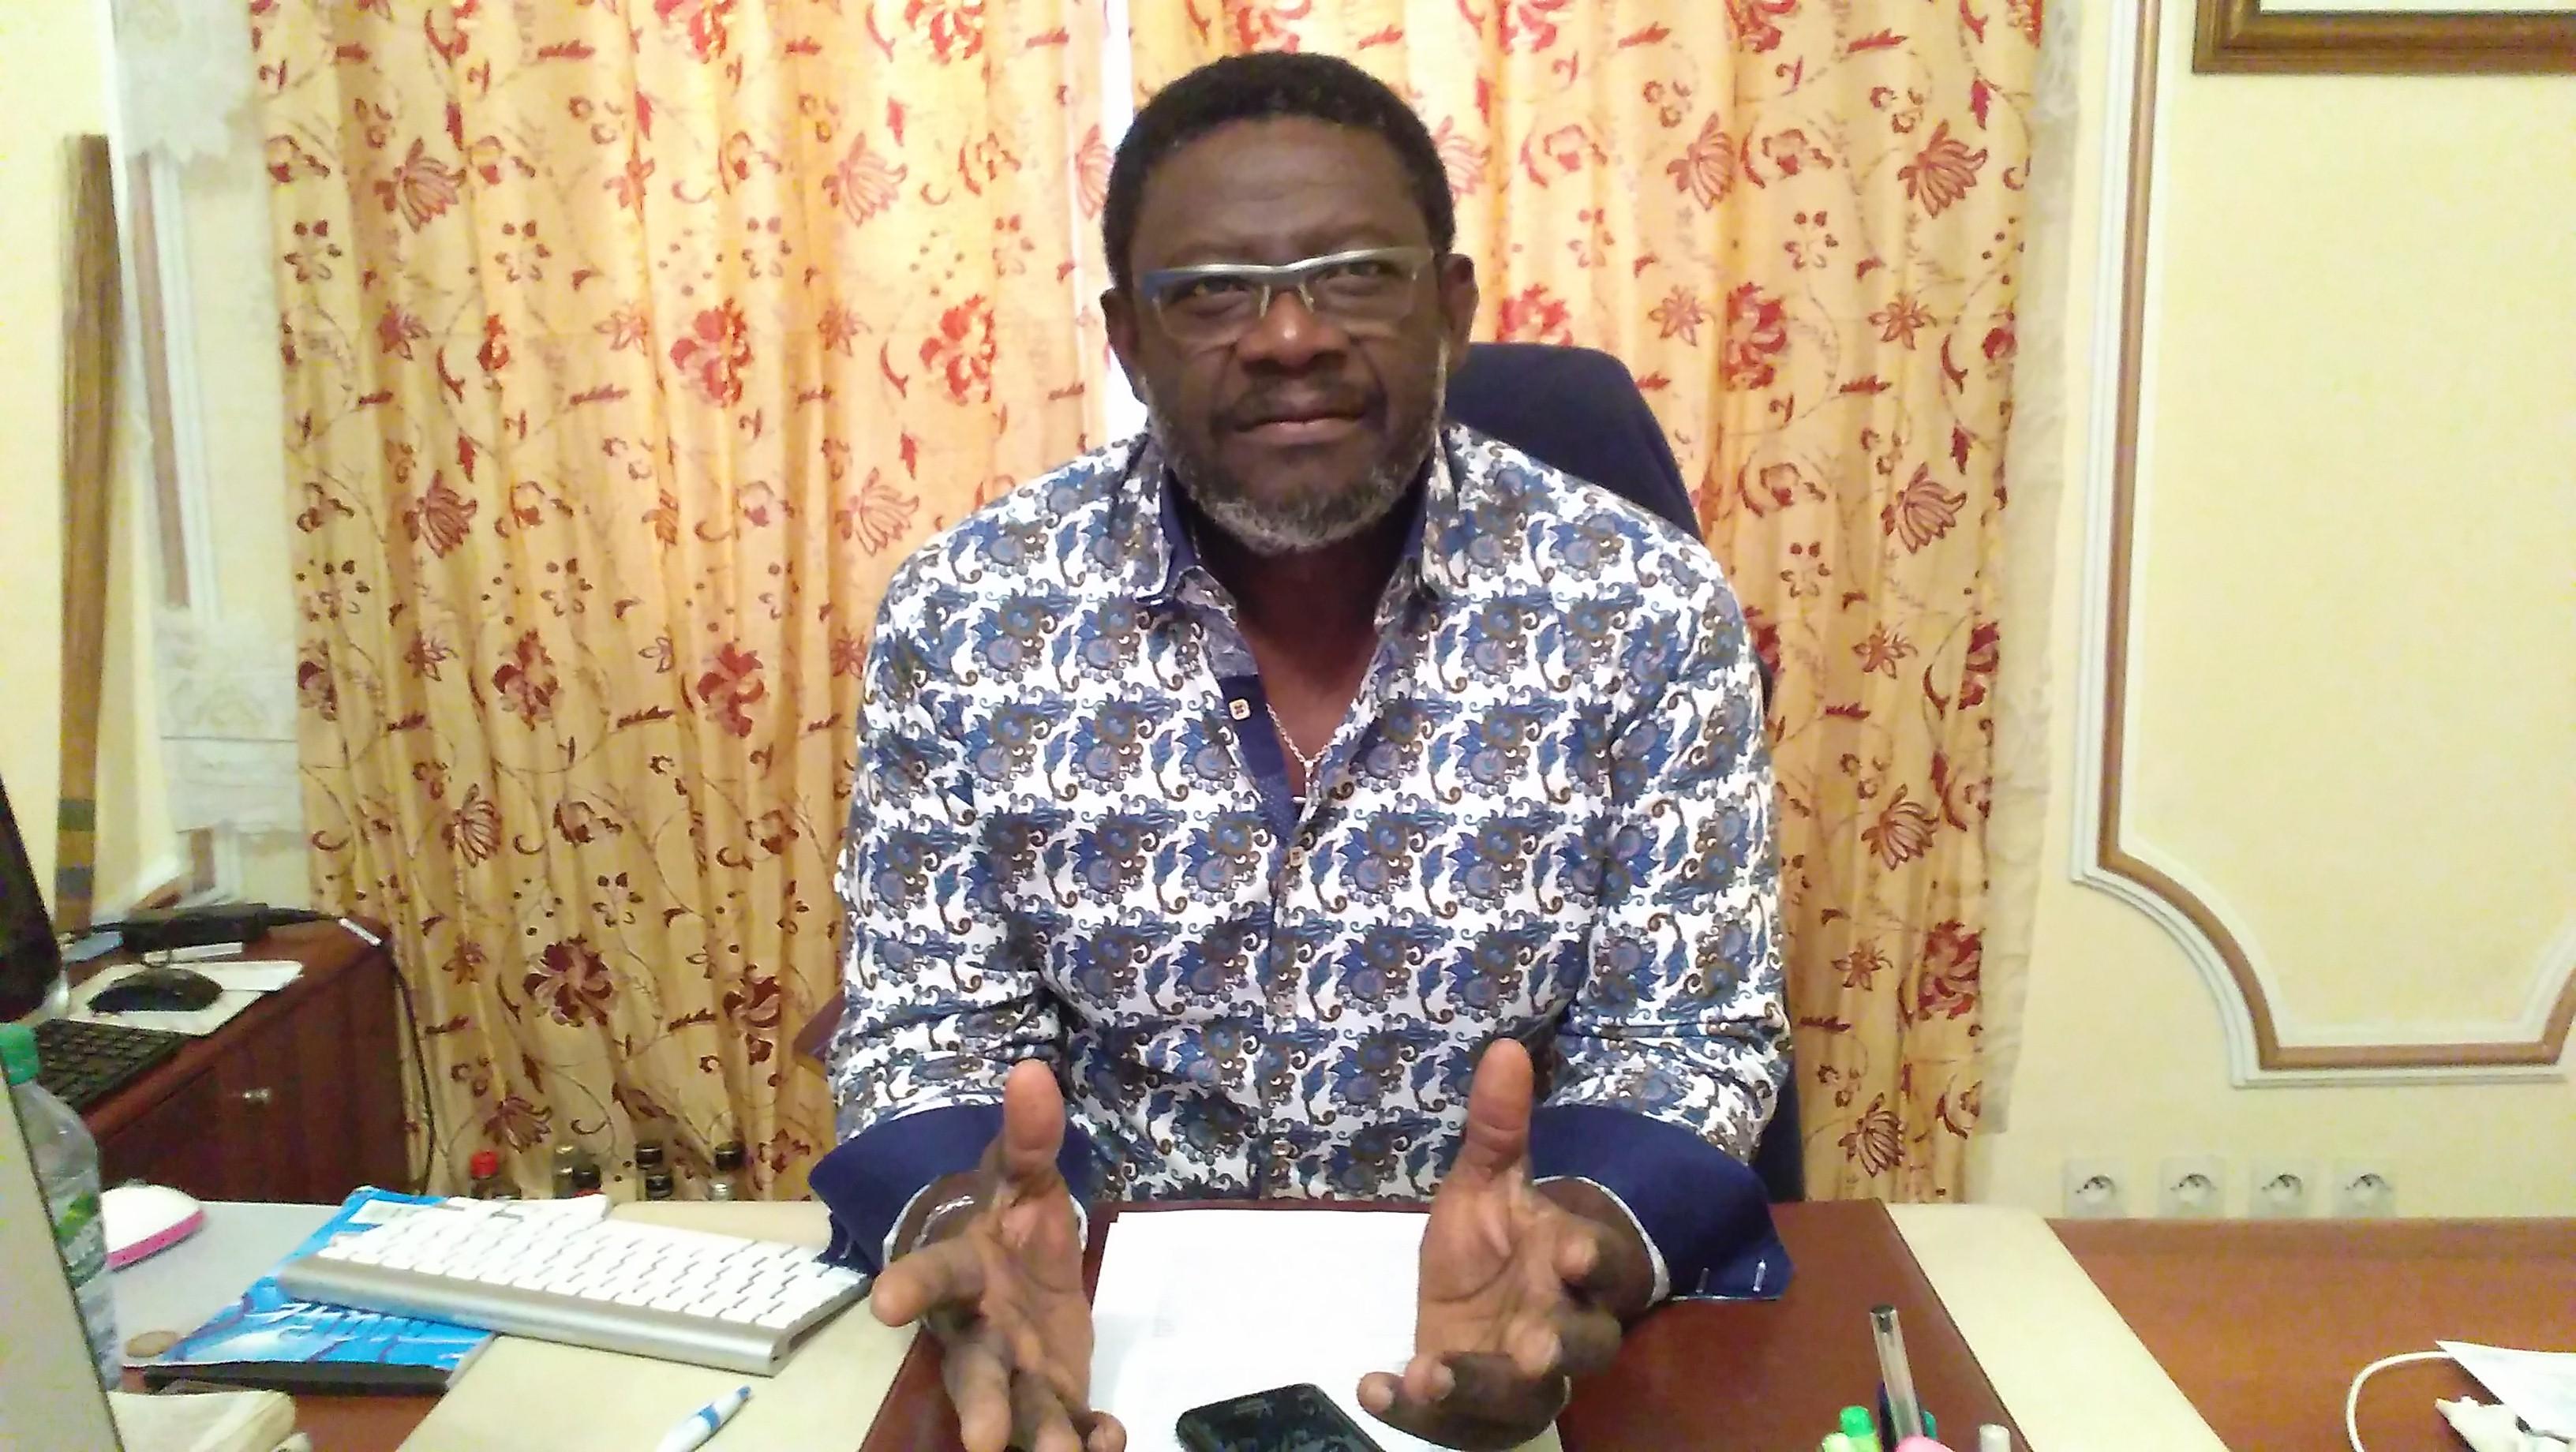 L'interview du mois avec le président de la CGP, Francis Jean Jacques Evouna!